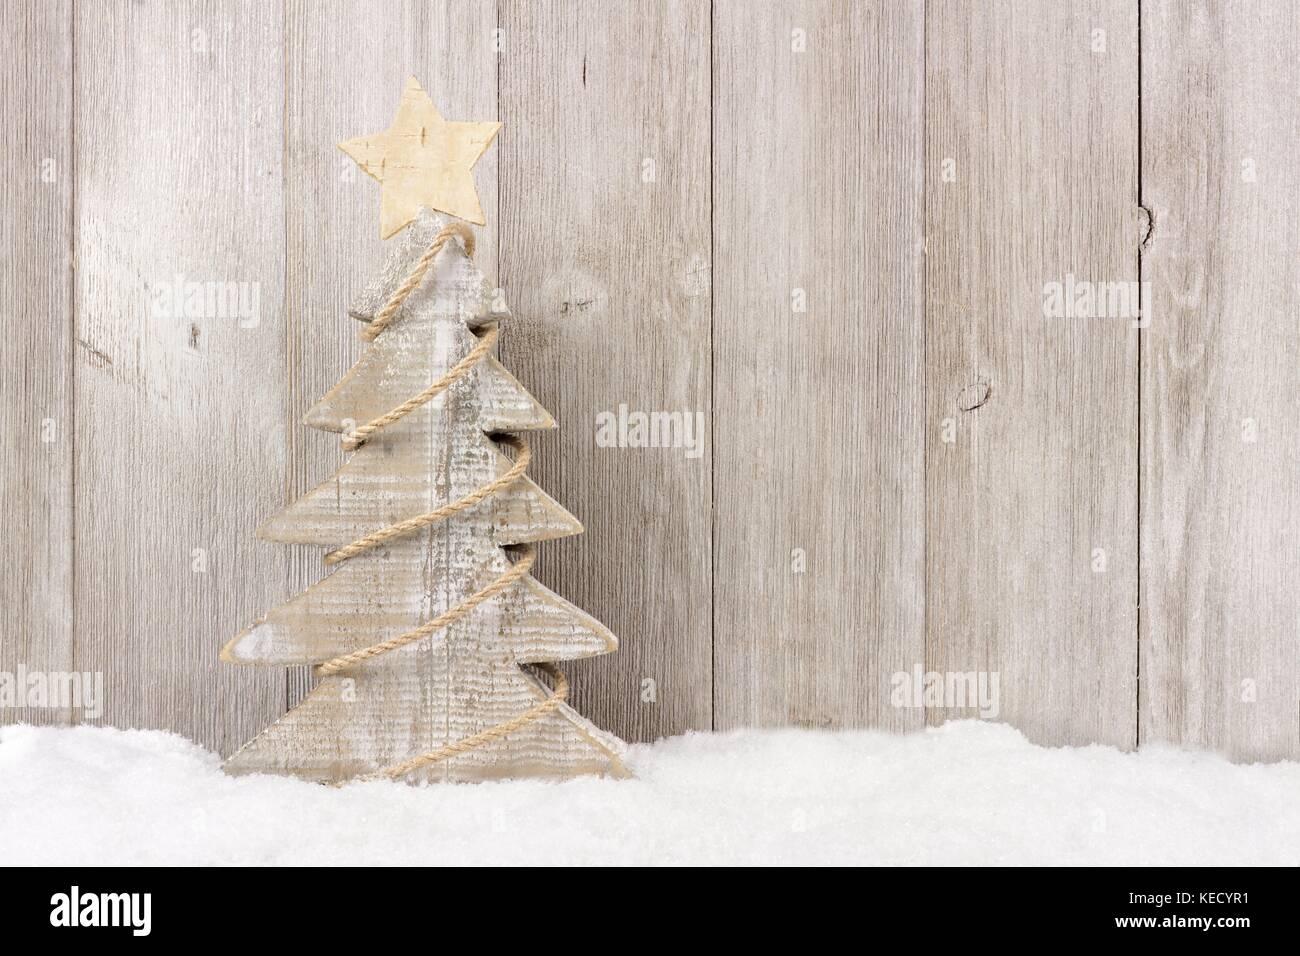 Shabby Chic Natale : Shabby chic holz weihnachtsbaum mit garn girlande im schnee vor